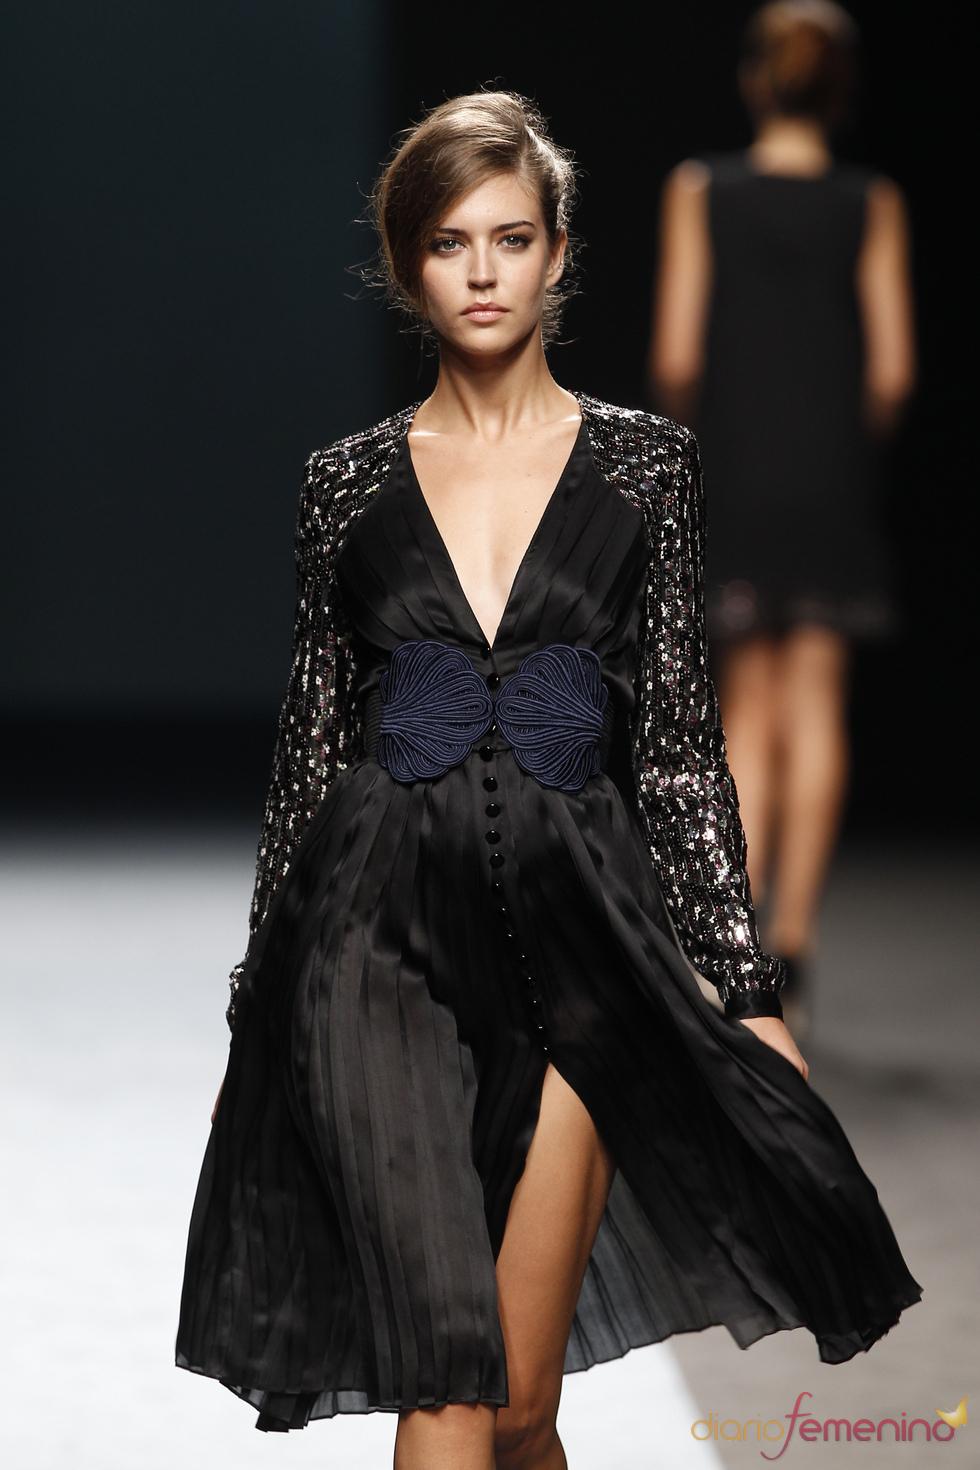 Vestido negro de fiesta de Miguel Palacio para la primavera-verano 2011